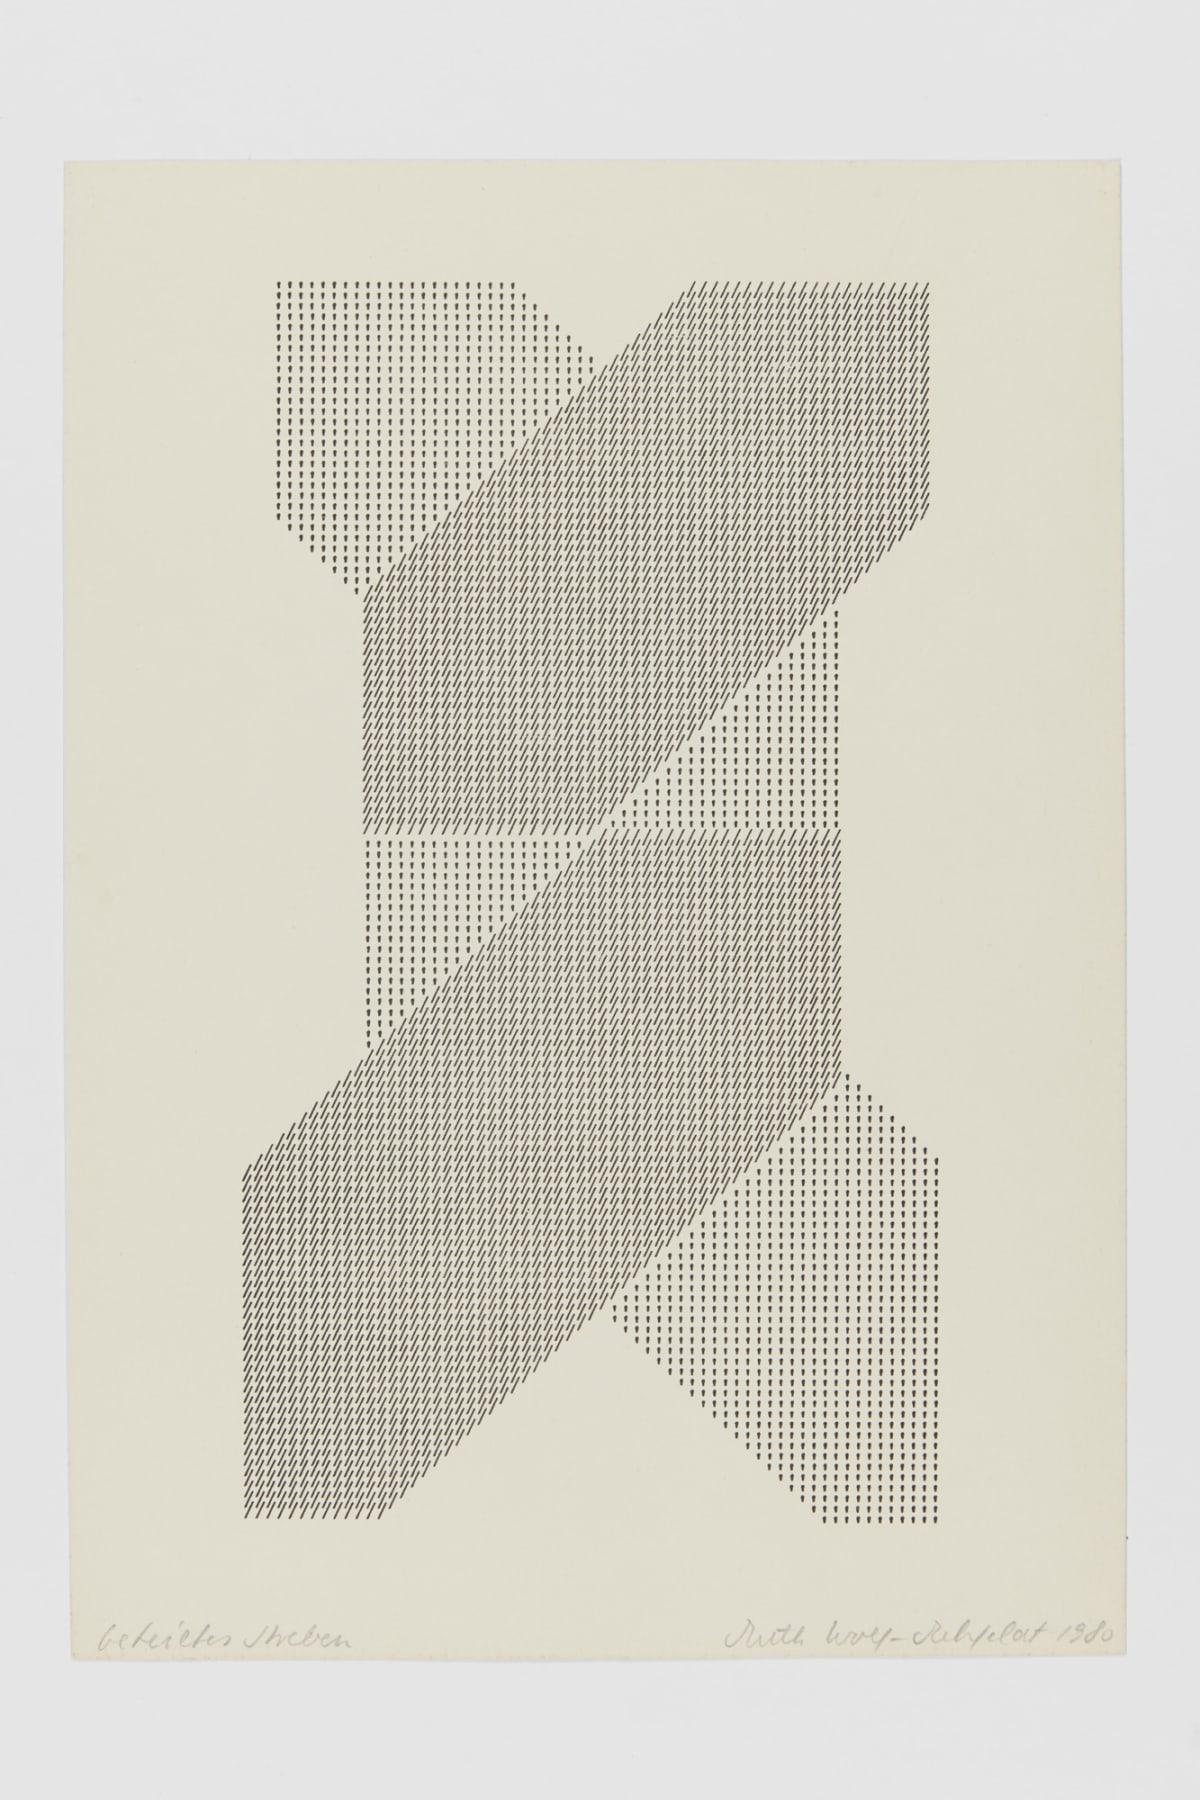 Ruth WOLF-REHFELDT Divided Aspiration, 1980 print (zinc lithograph) 30.5 x 21.5 cm